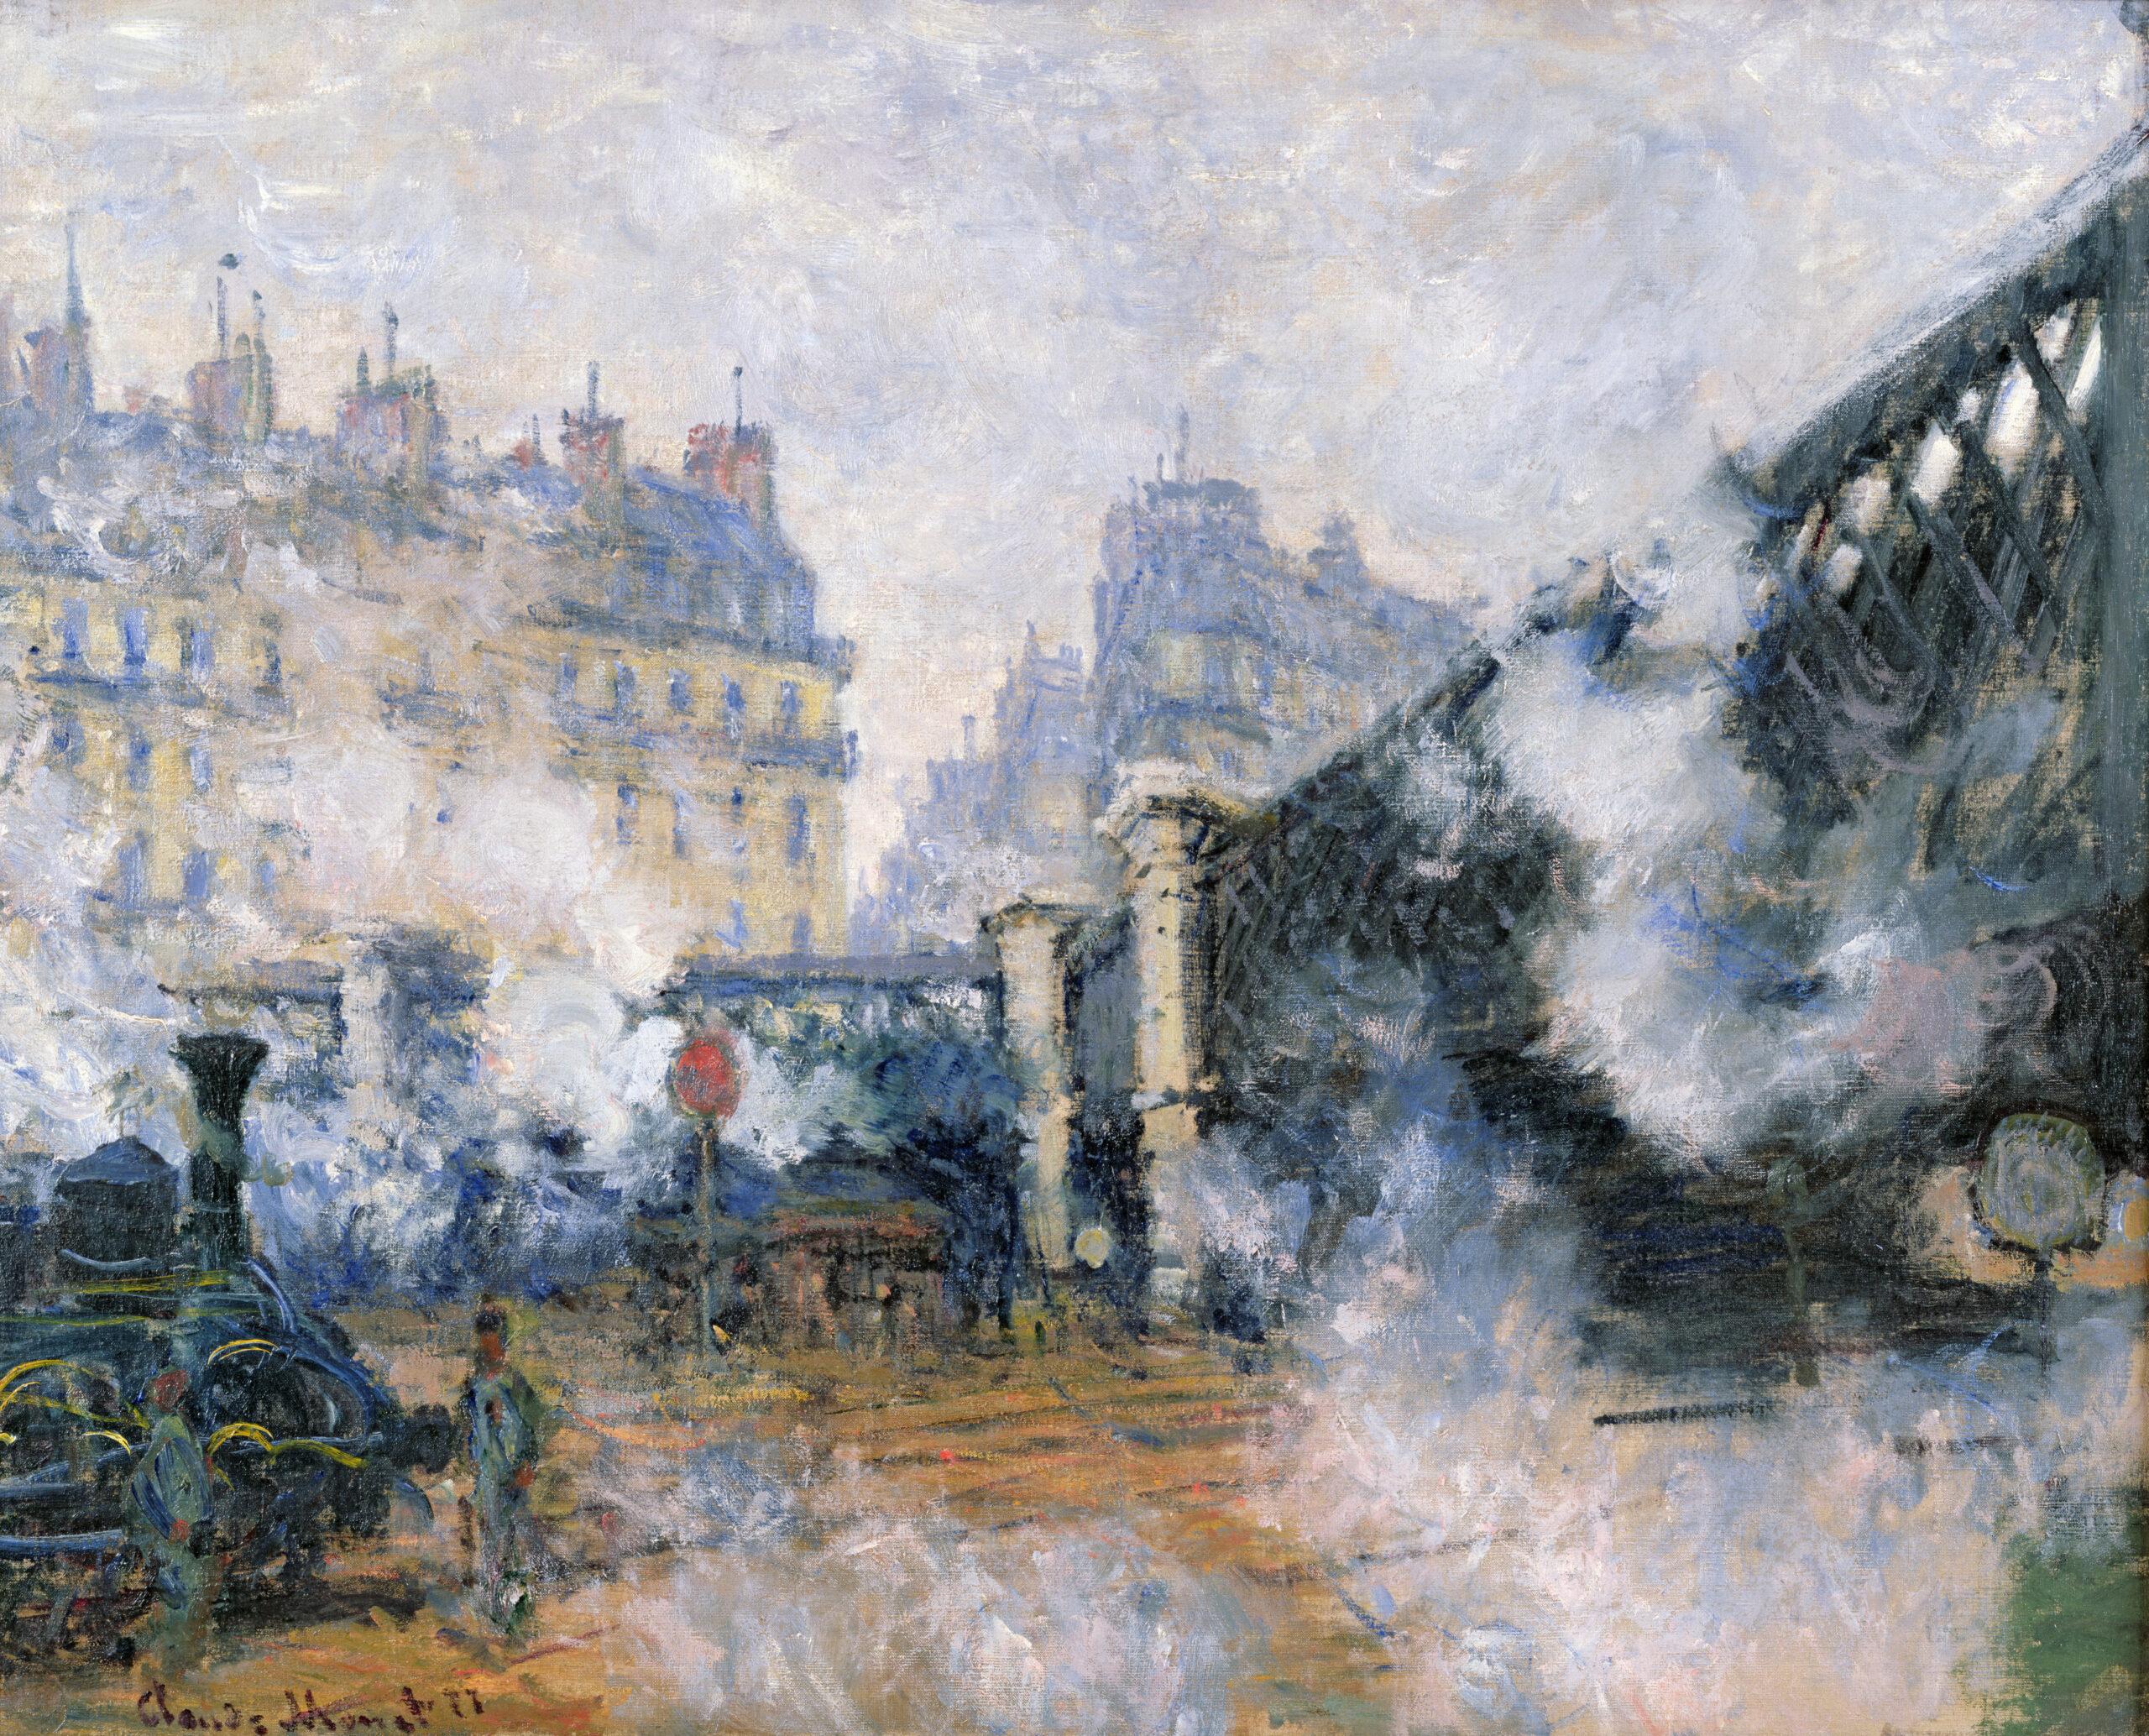 Claude Monet (1840-1926) Il ponte dell'Europa, Stazione SaintLazare, 1877 Olio su tela, 65x81 cm Parigi, Musée Marmottan Monet, dono Eugène e Victorine Donop de Monchy, 1940 © Musée Marmottan Monet, Paris / Bridgeman Images